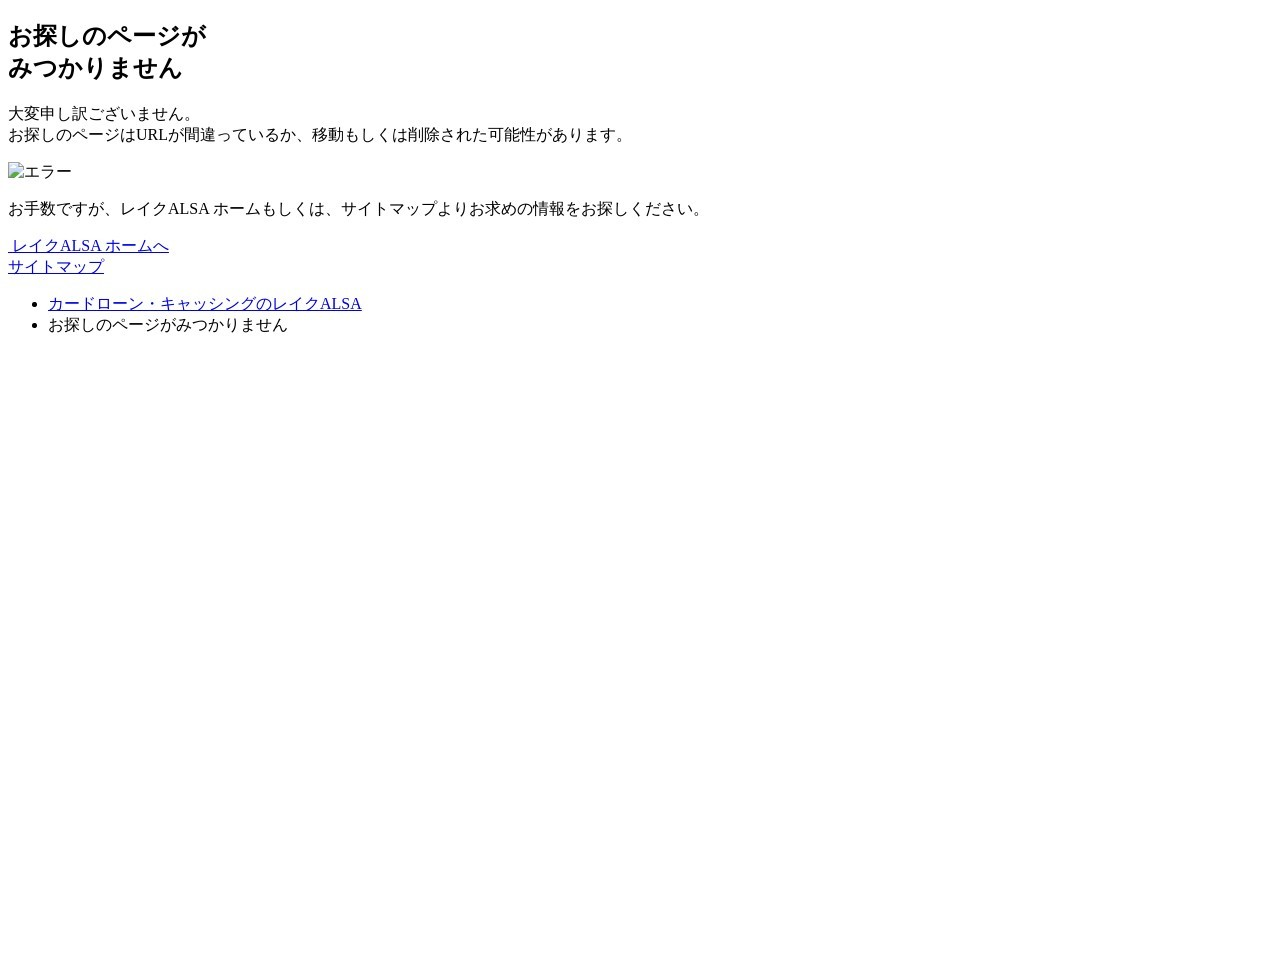 レイクALSA 4号二本松自動契約コーナー福島県 レイクALSA